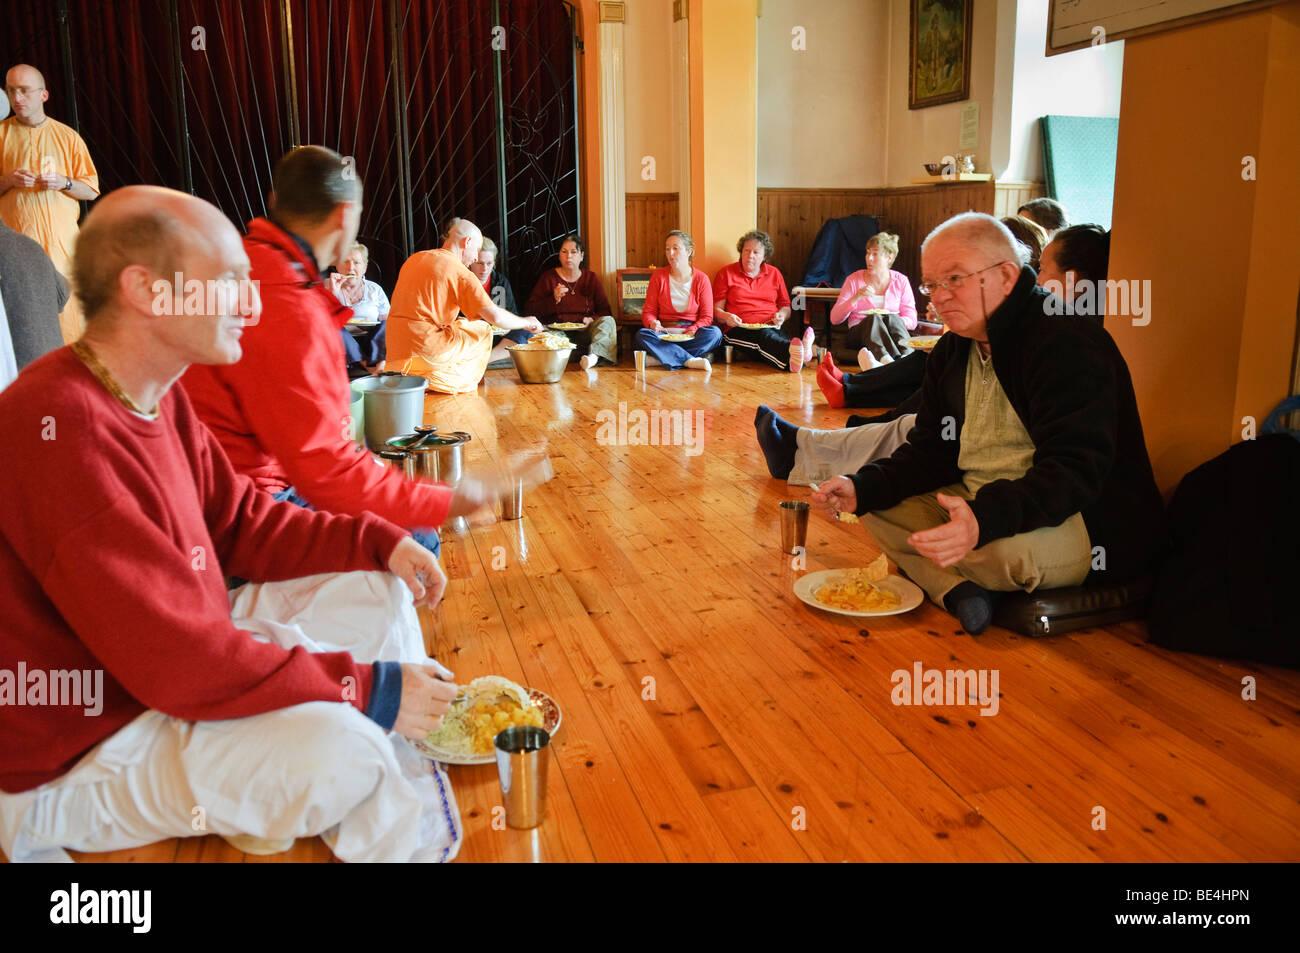 ISKCON Hare Krishna discepoli e visitatori di mangiare un vegetariano festa in una sala del tempio Foto Stock